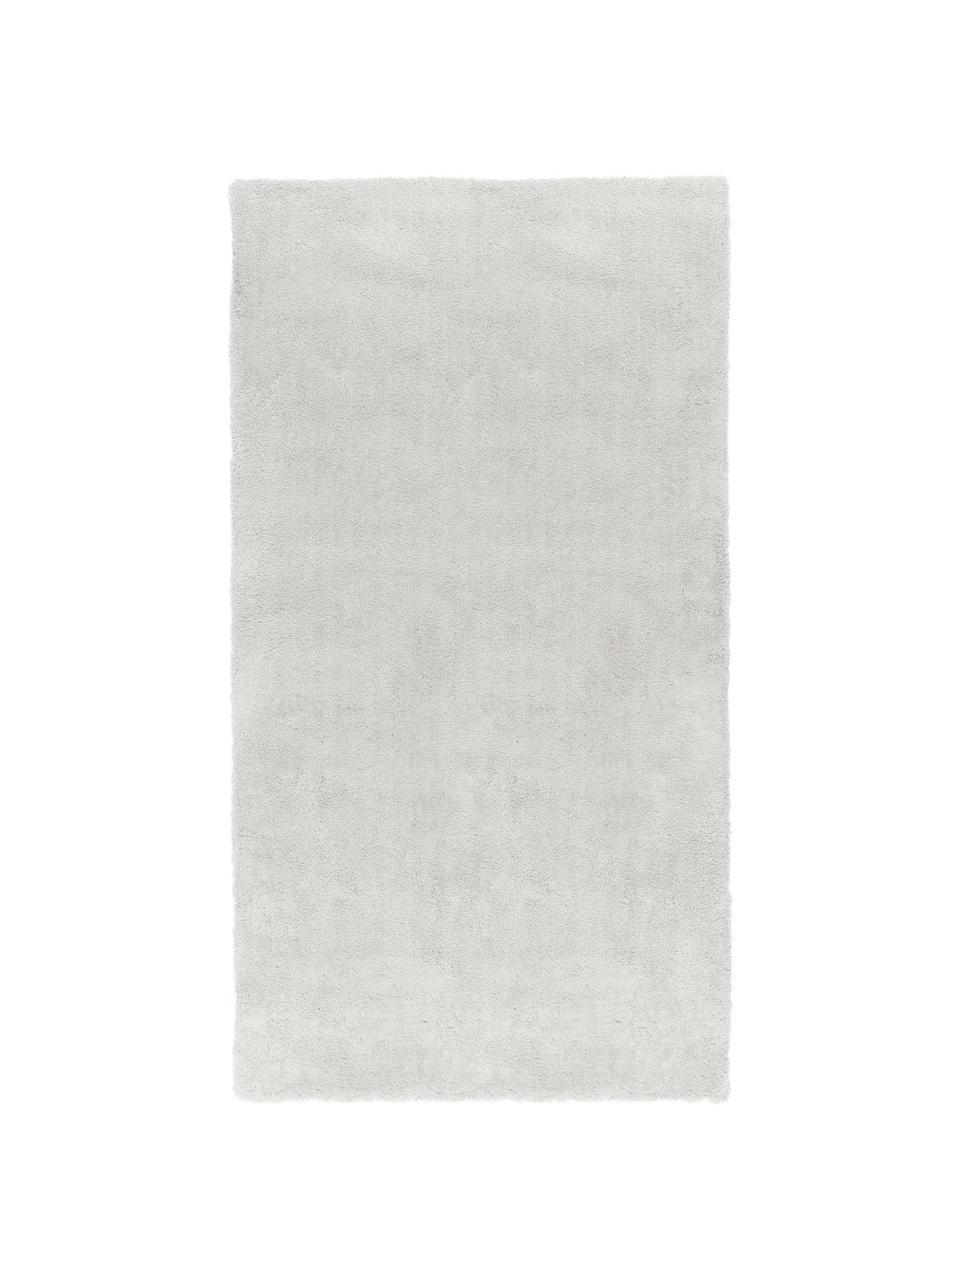 Načechraný koberec svysokým vlasem Leighton, Světle šedá